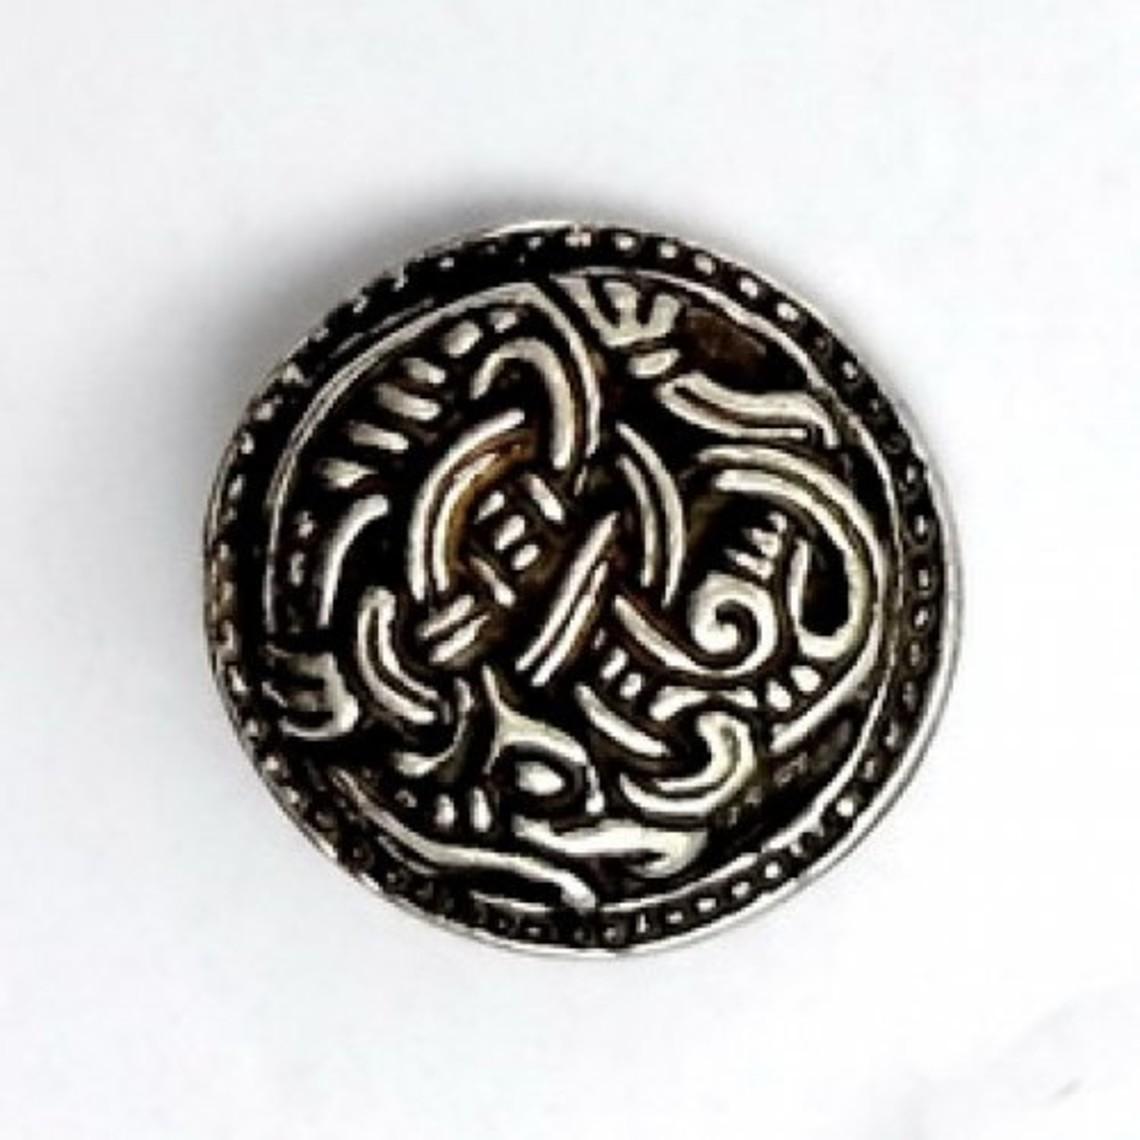 Vikingknopen Borrestijl set van vijf stuks, messing